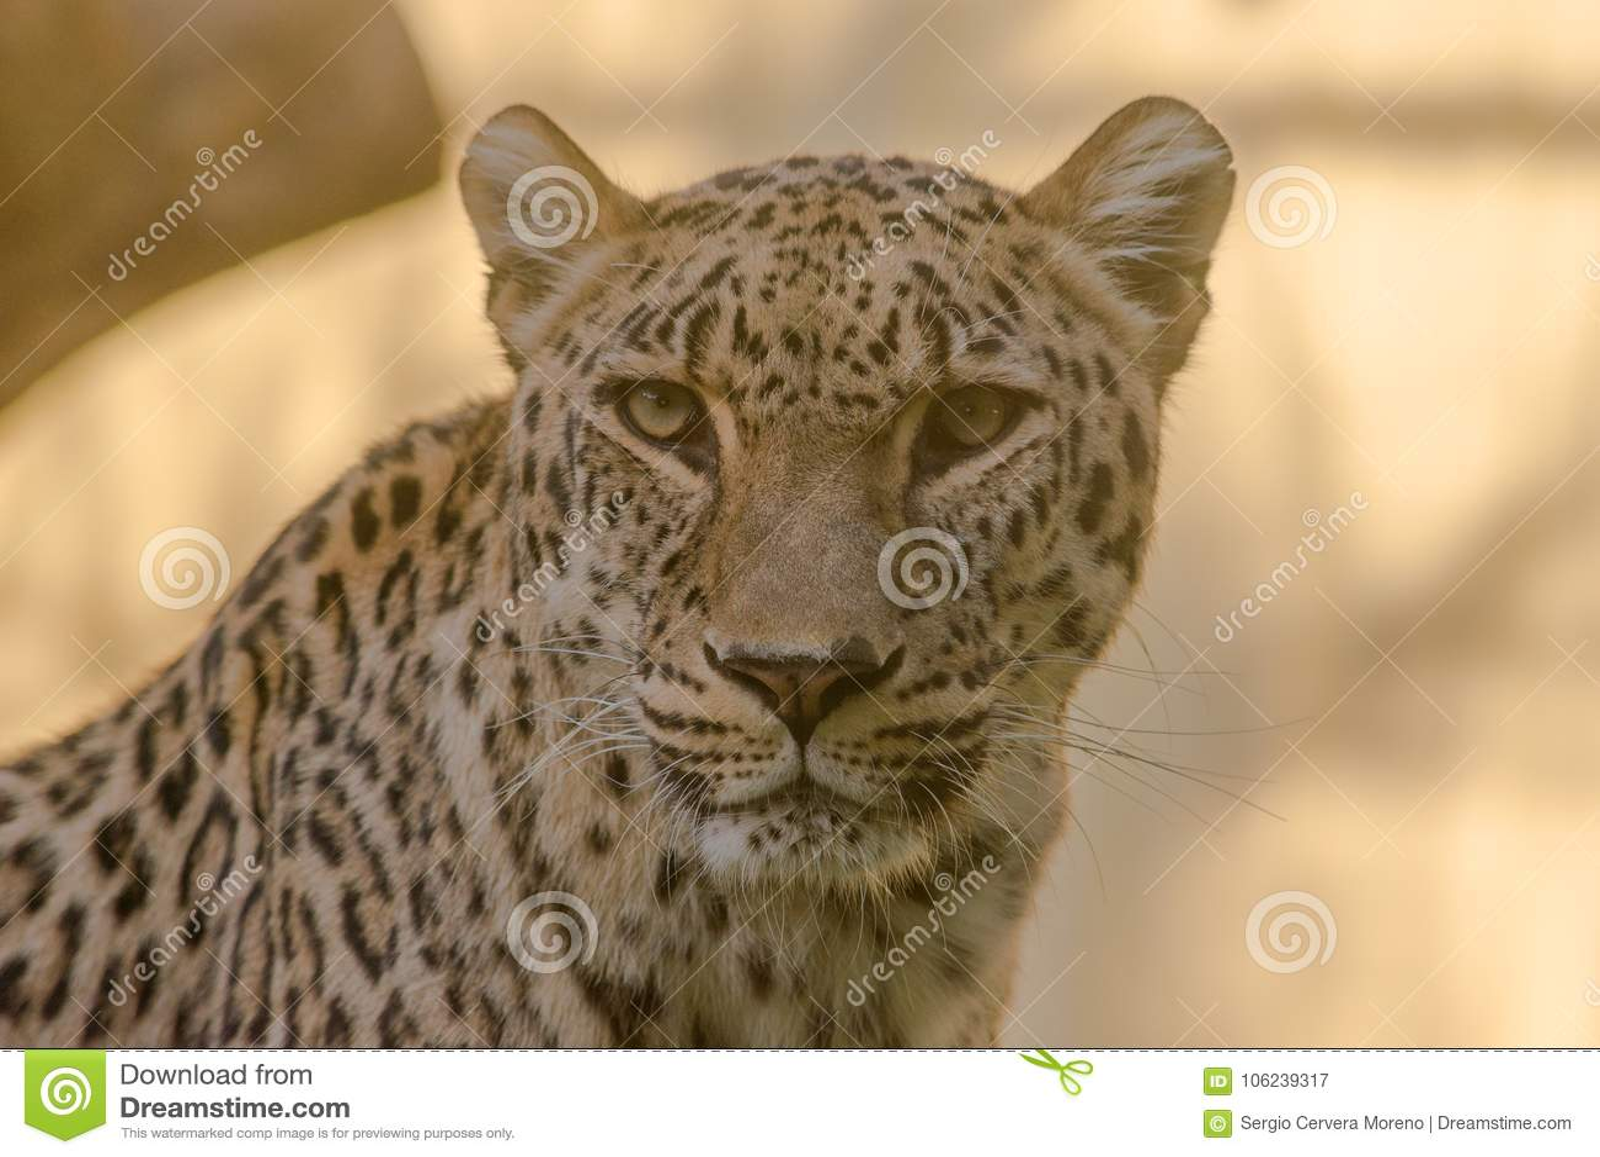 Nahaufnahme des Gesichtes und des Blickes eines Leoparden